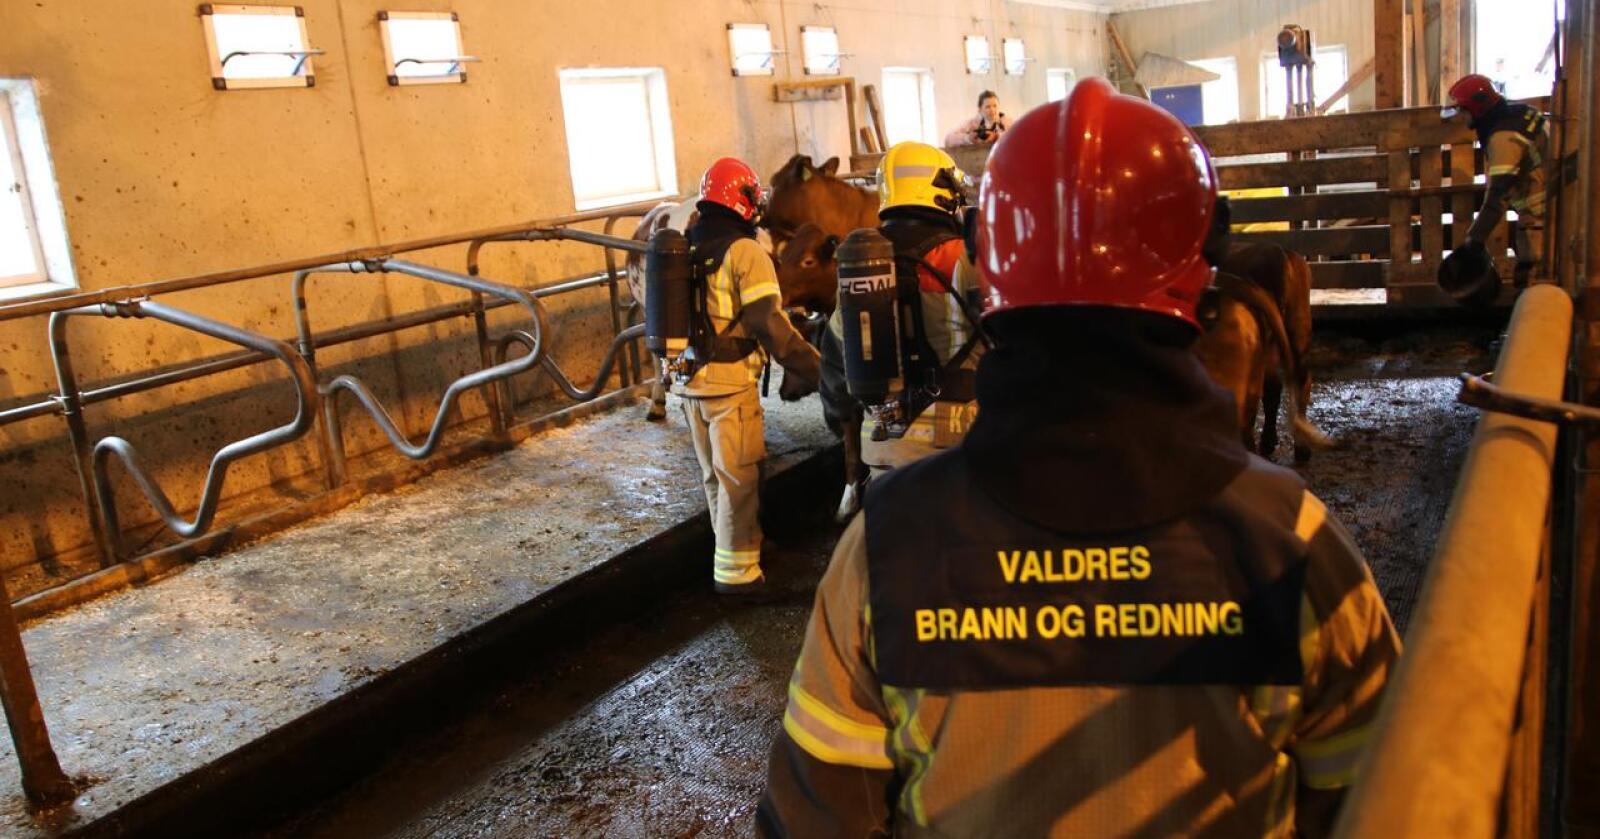 Det omkom til sammen 852 husdyr i brann i 2020. Dette er vesentlig lavere enn siste ti års gjennomsnitt. Bildet viser en brannøvelse i Sør-Aurdal kommune. Foto: Karl Erik Berge